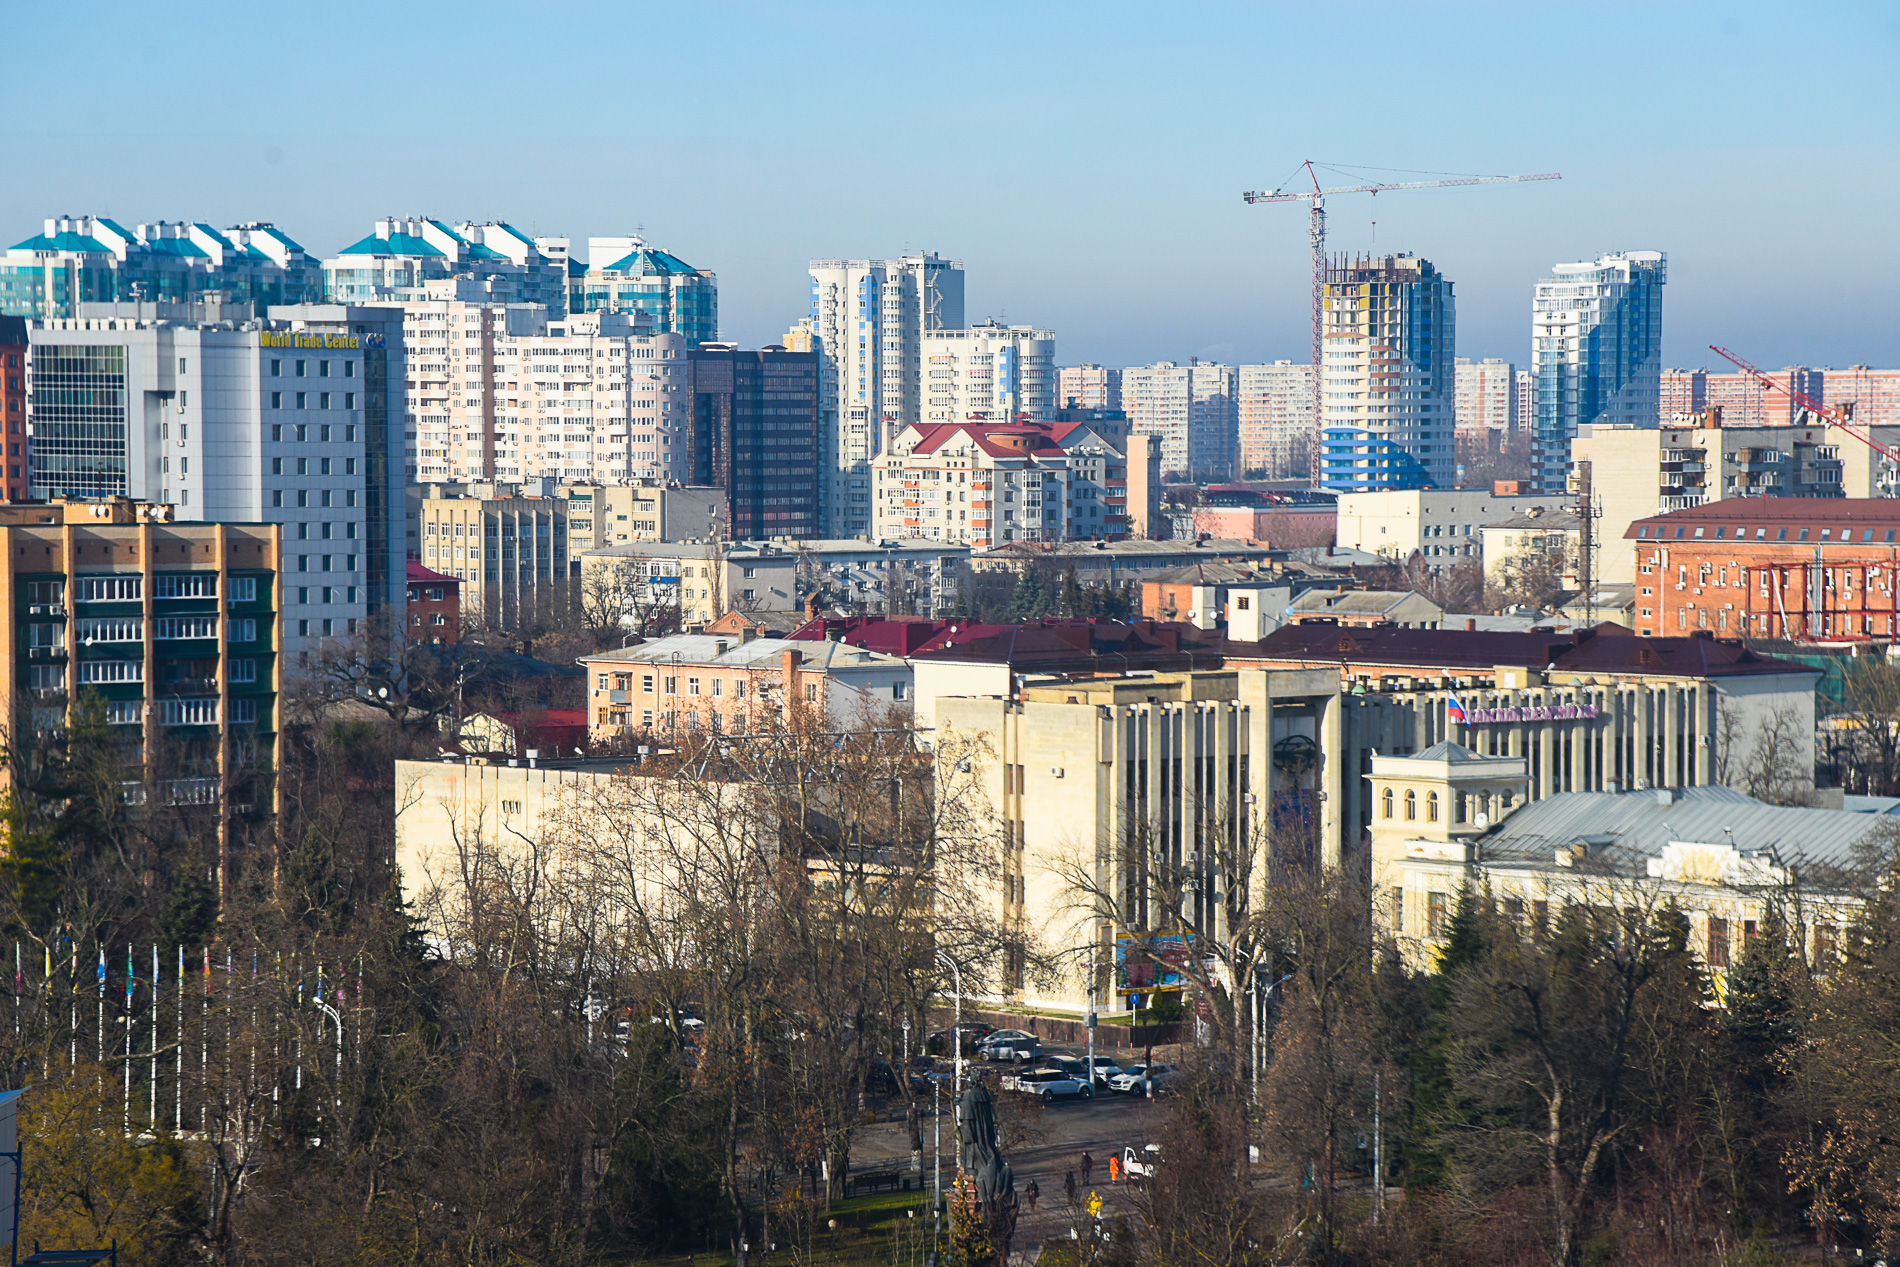 В некоторых регионах России выросла плата за капремонт. Но не на Кубани